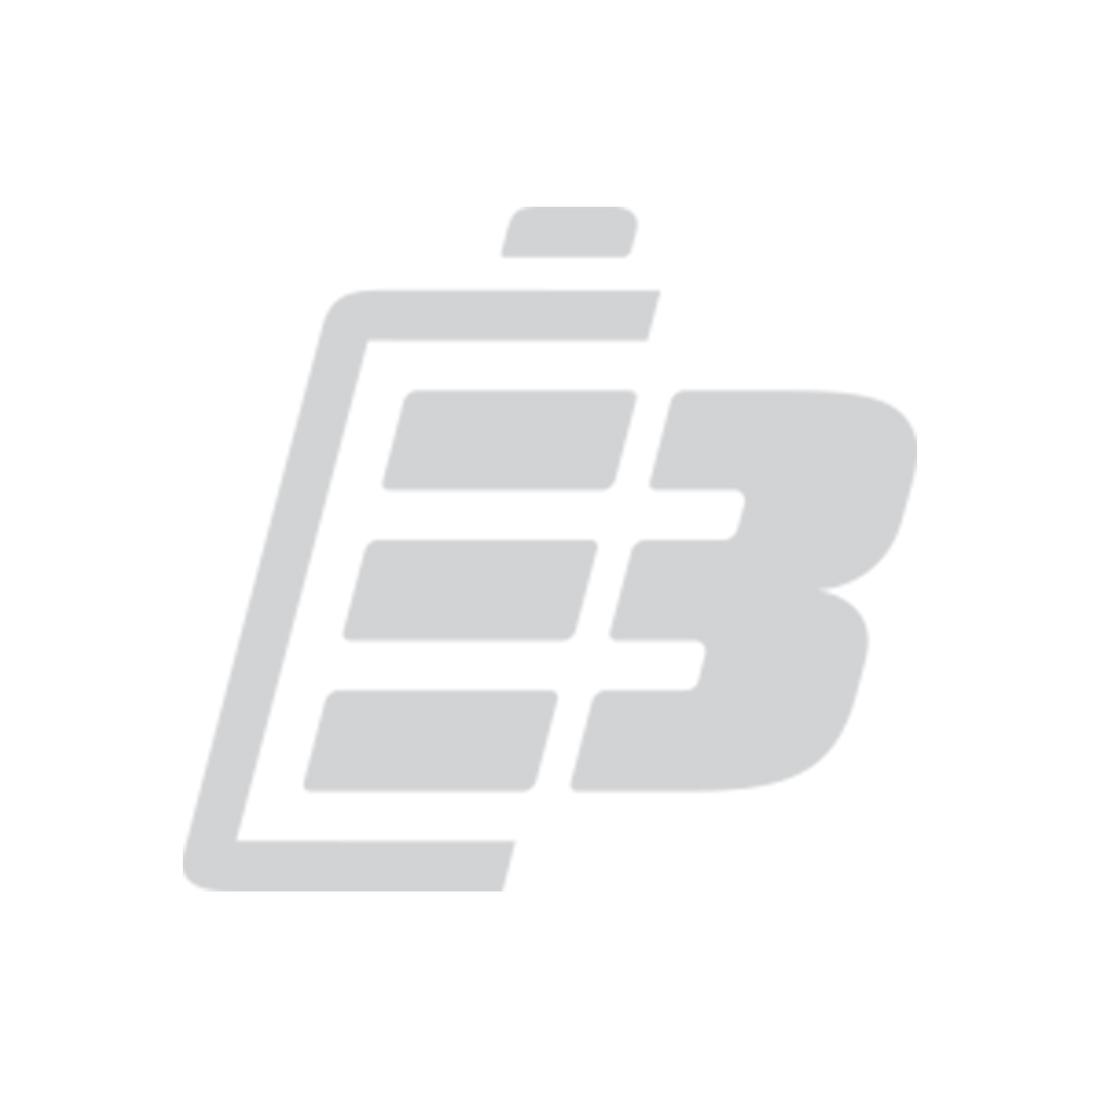 Μπαταρία smartphone Huawei Ideos X5 U8800_1